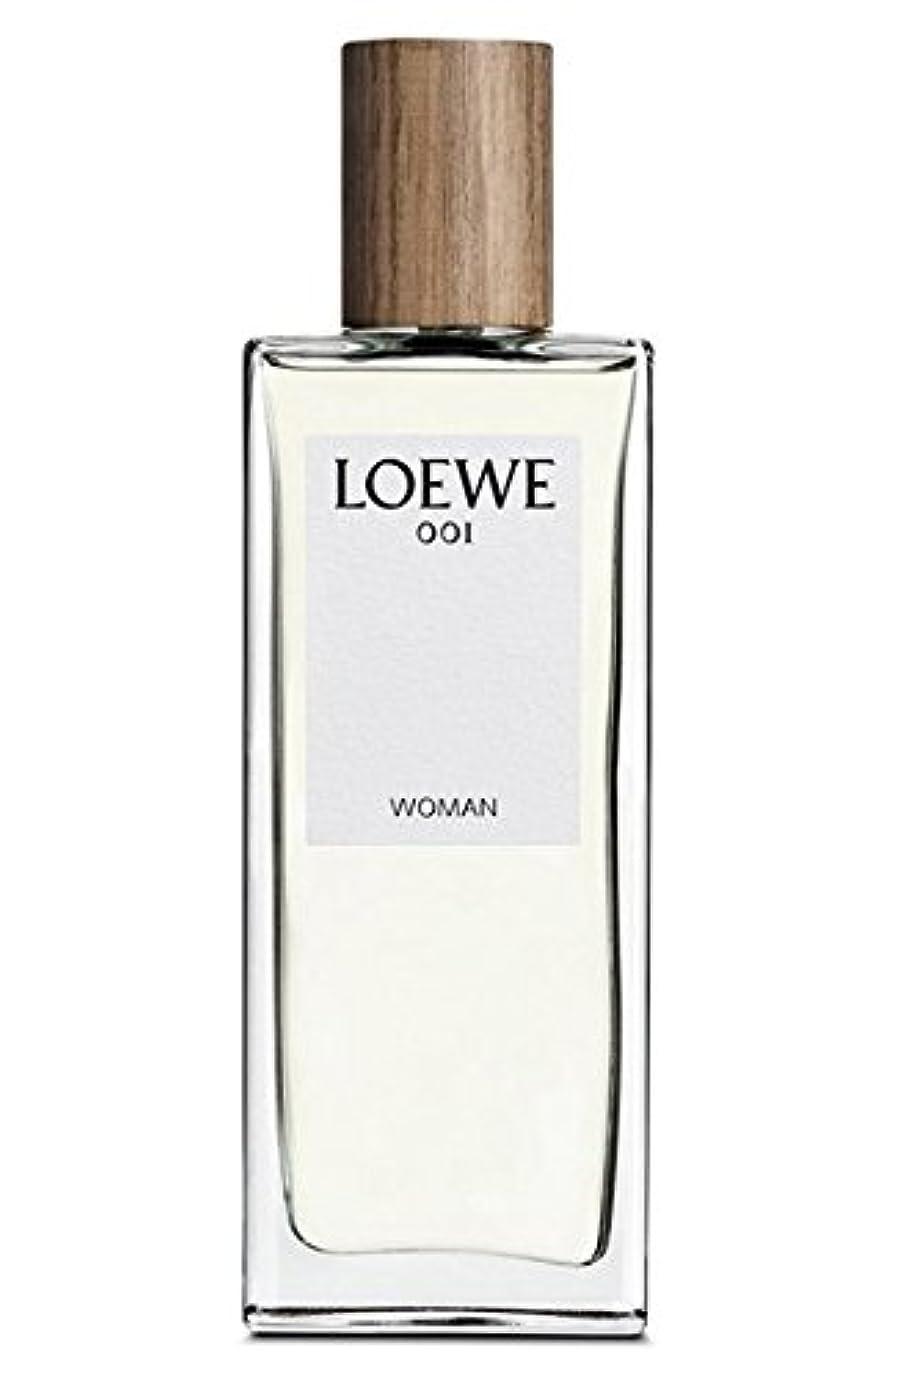 シビック良心的作動するLoewe 001 (ロエベ 001) 3.4 oz (100ml) EDP Spray for Women